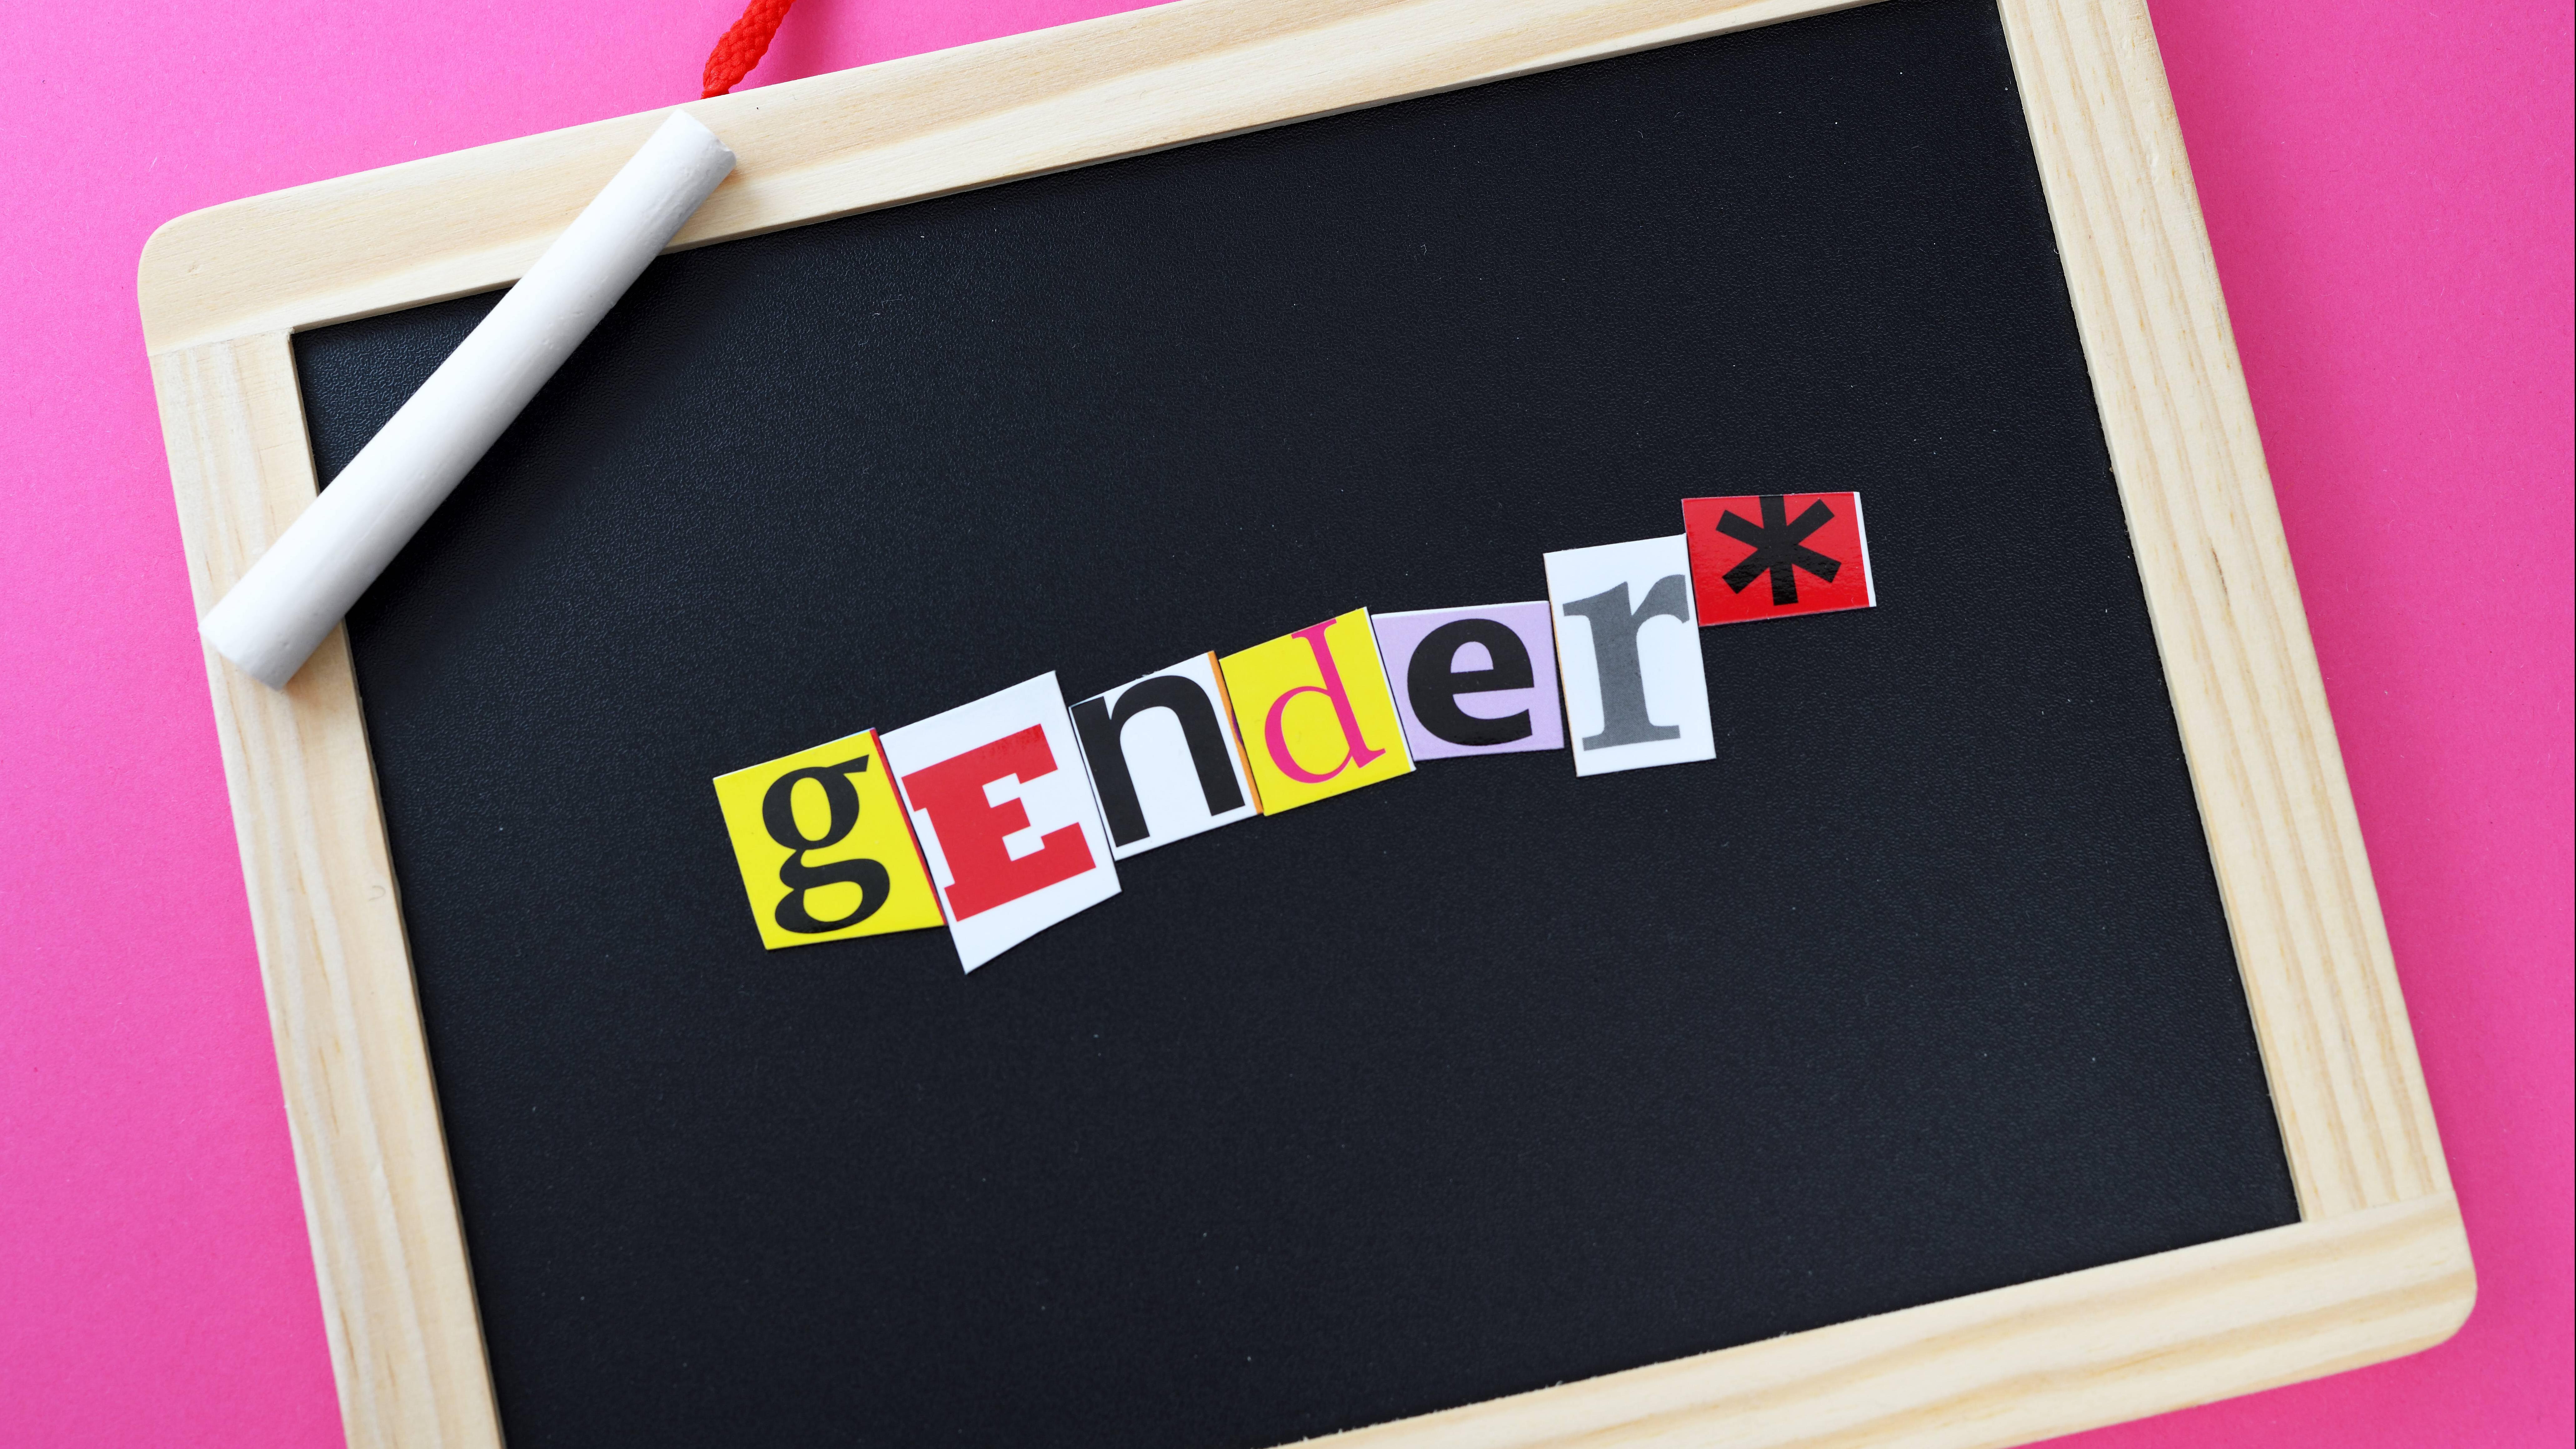 Genderwörterbuch: Richtig gendern - so geht's